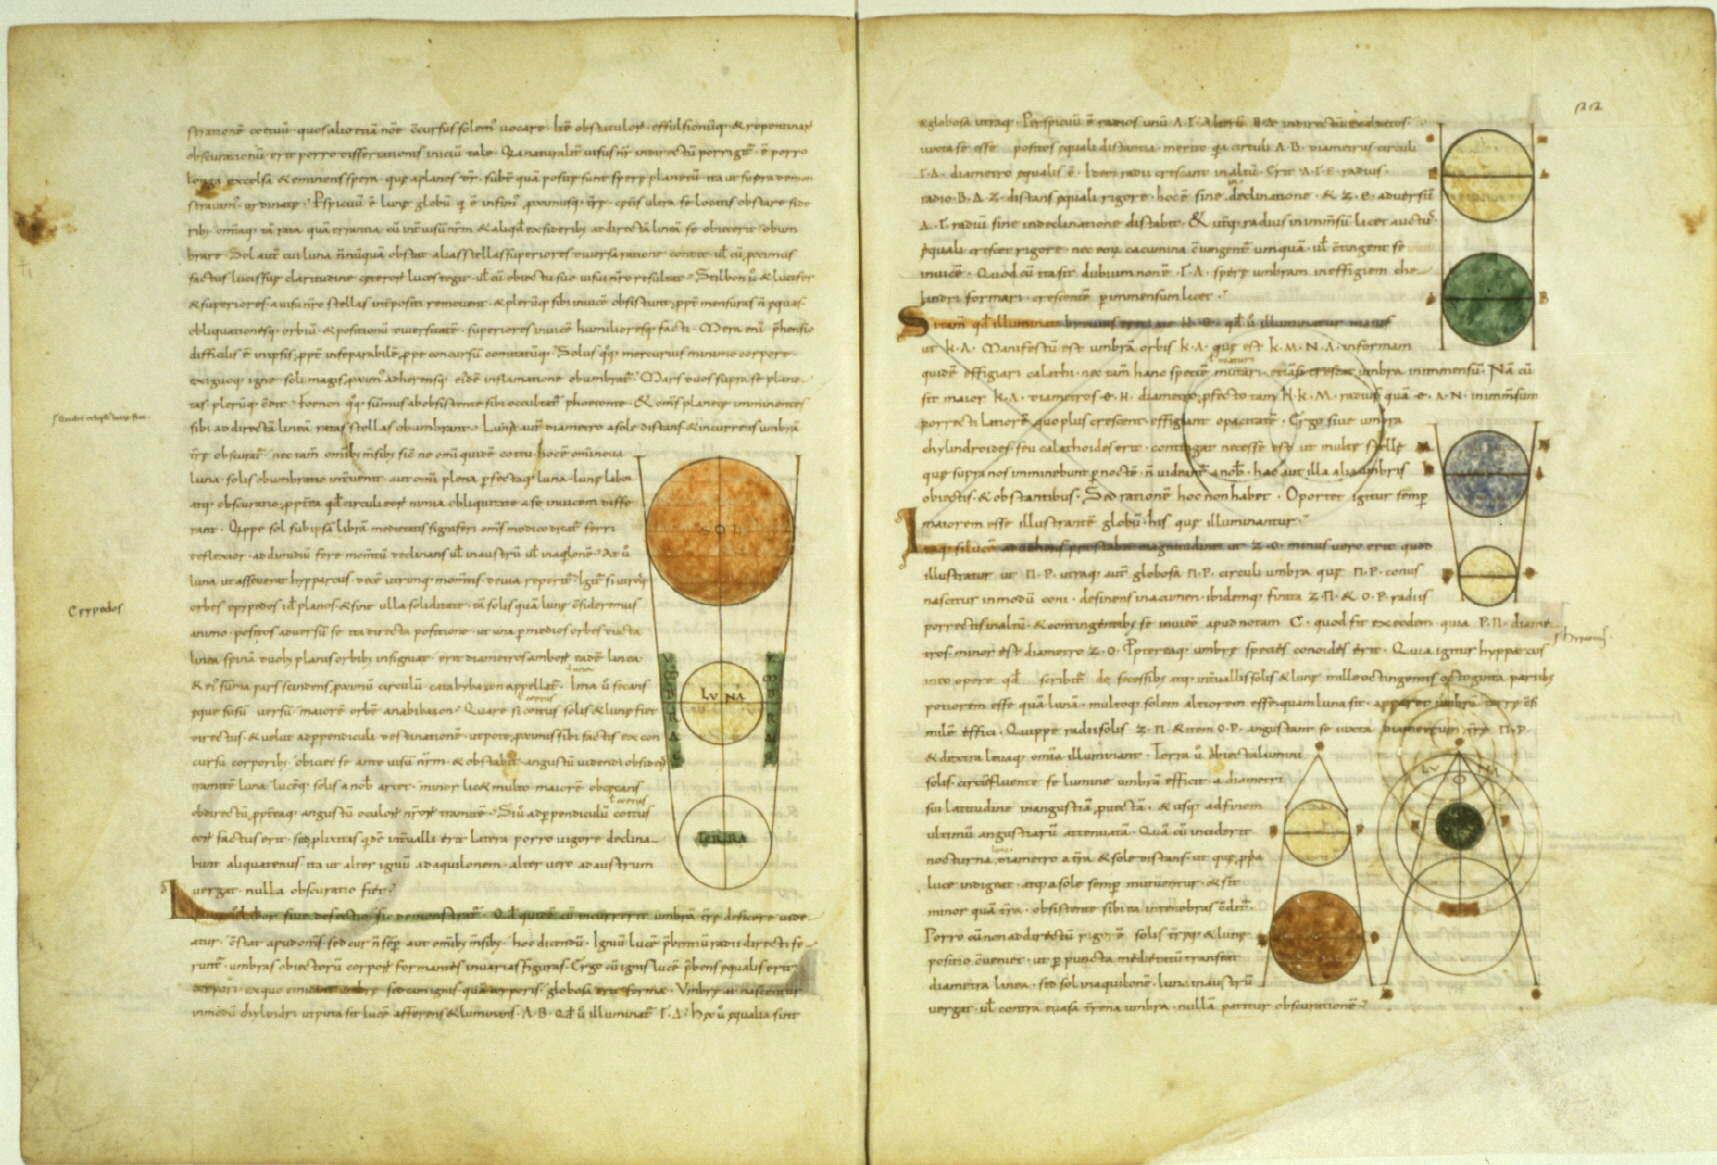 《蒂迈欧篇》抄本(1308)